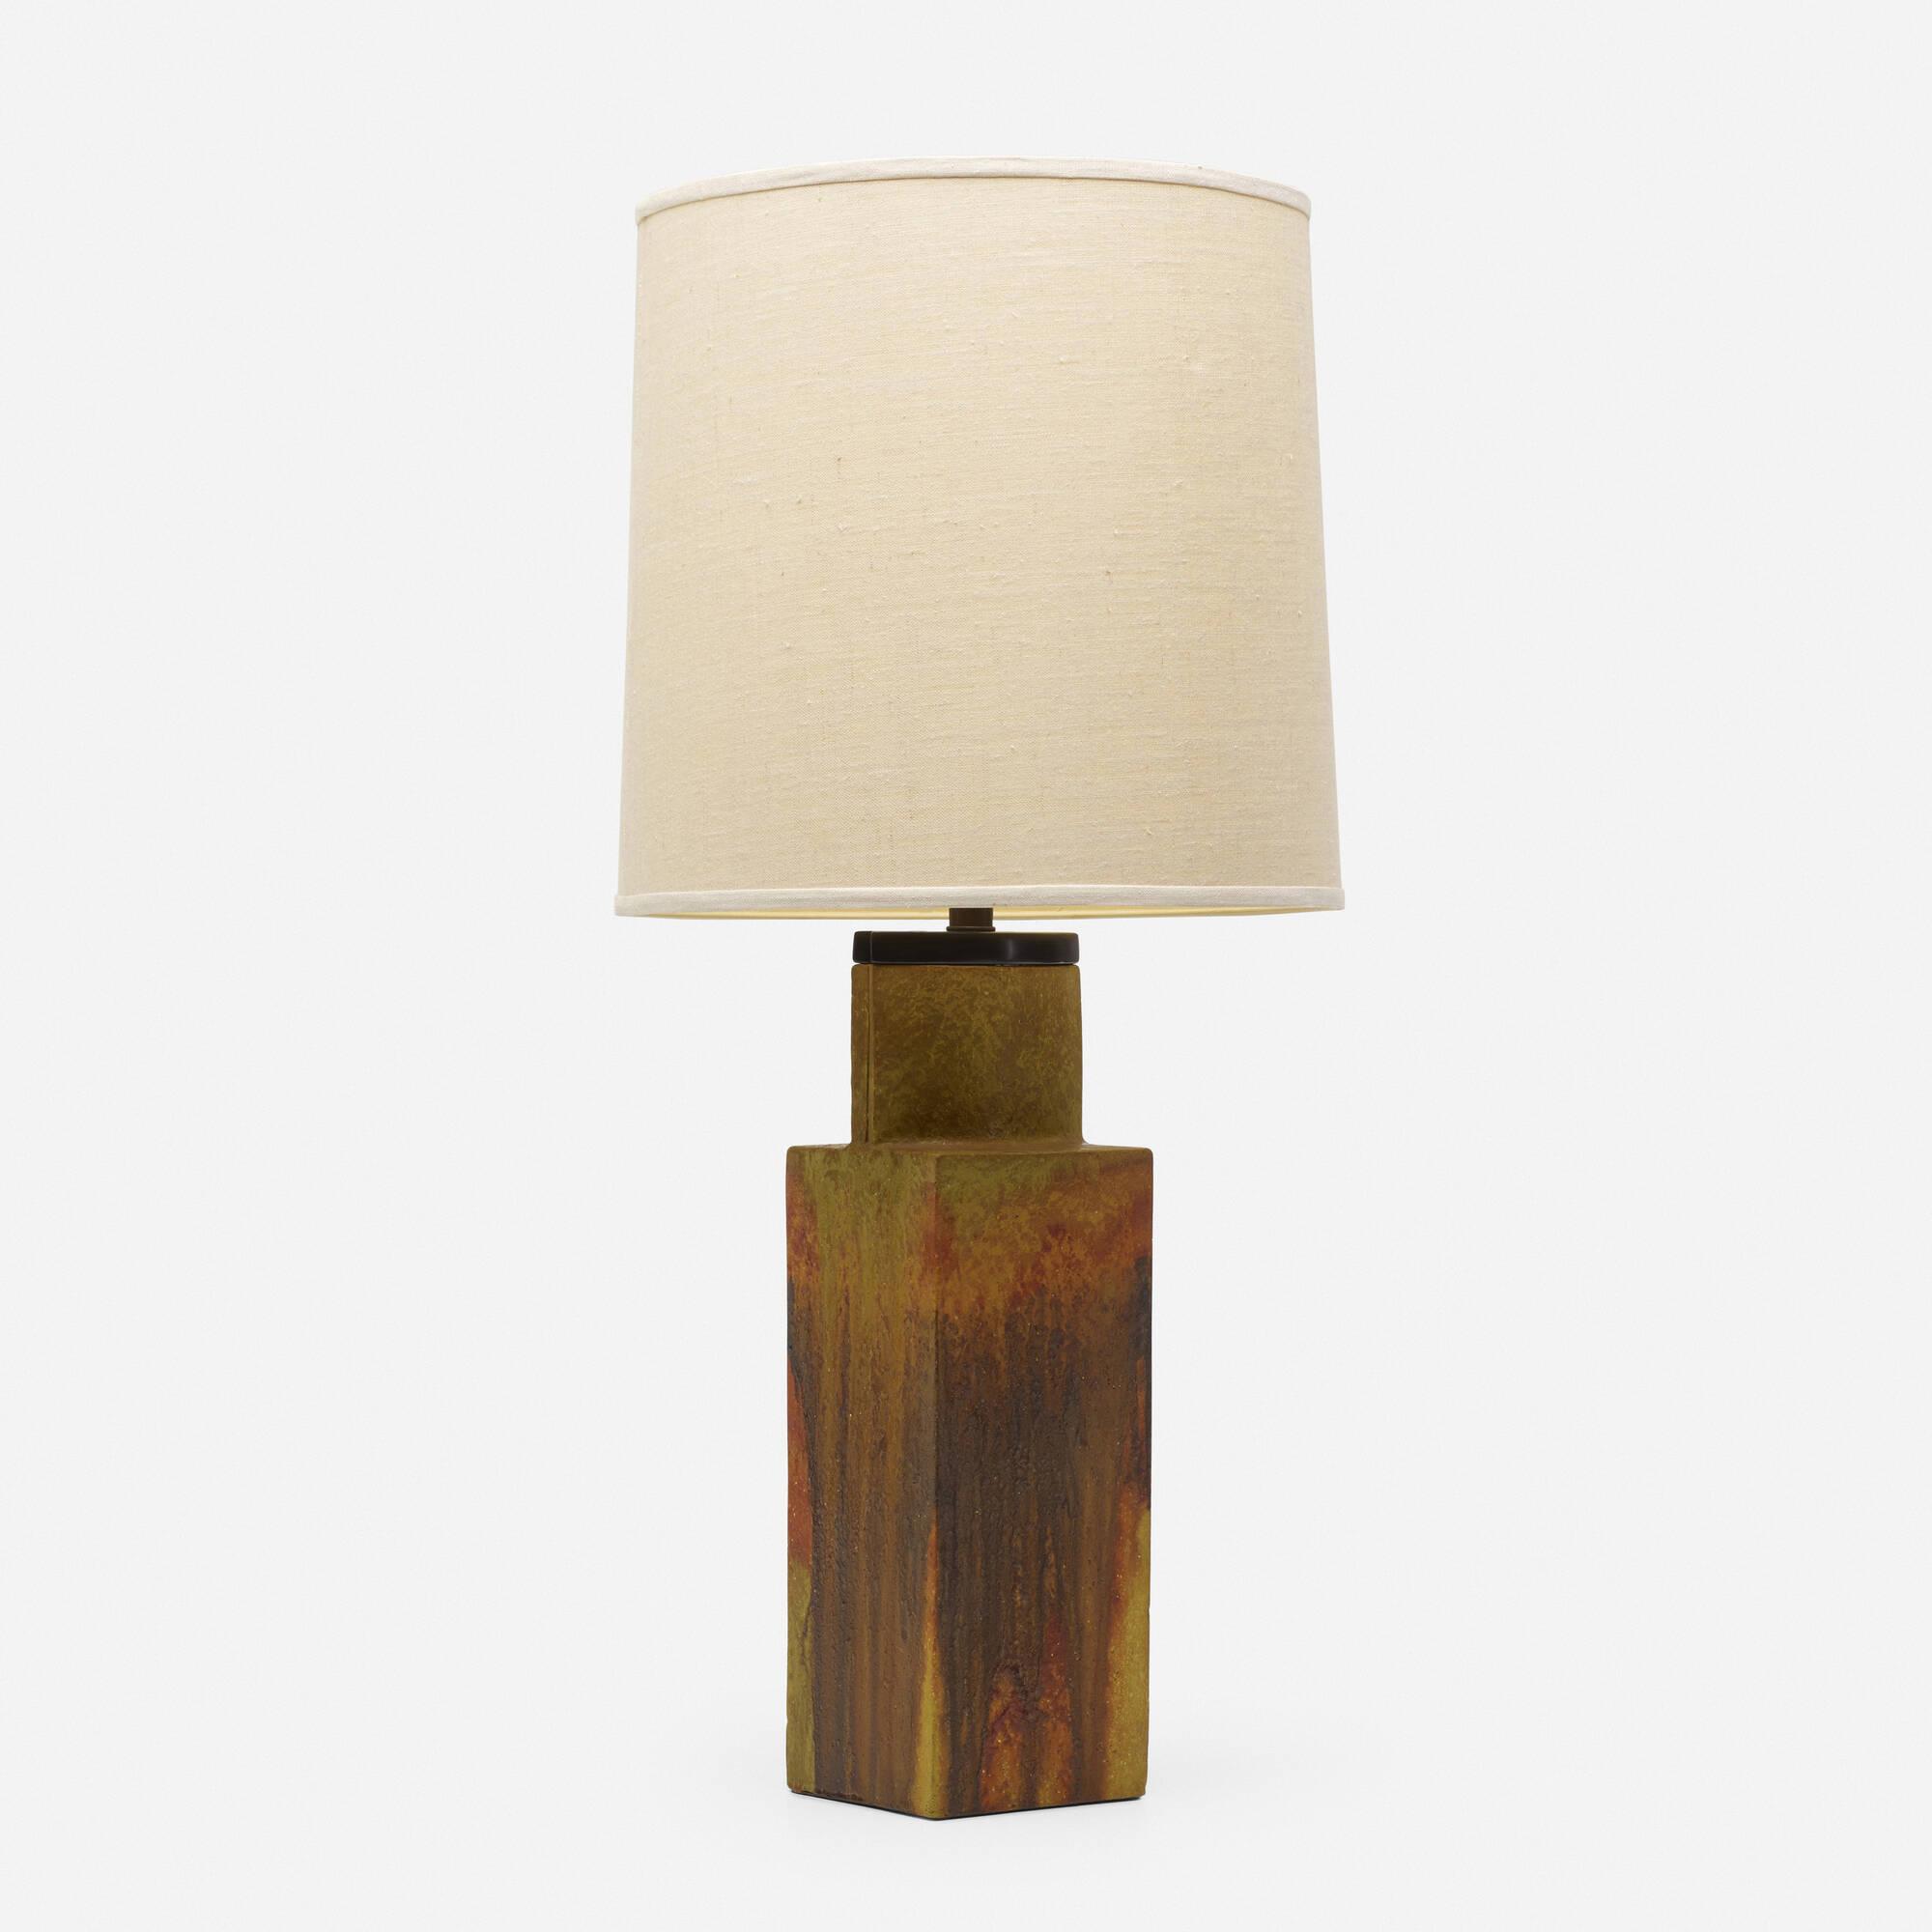 347: Marcello Fantoni / table lamp (1 of 2)